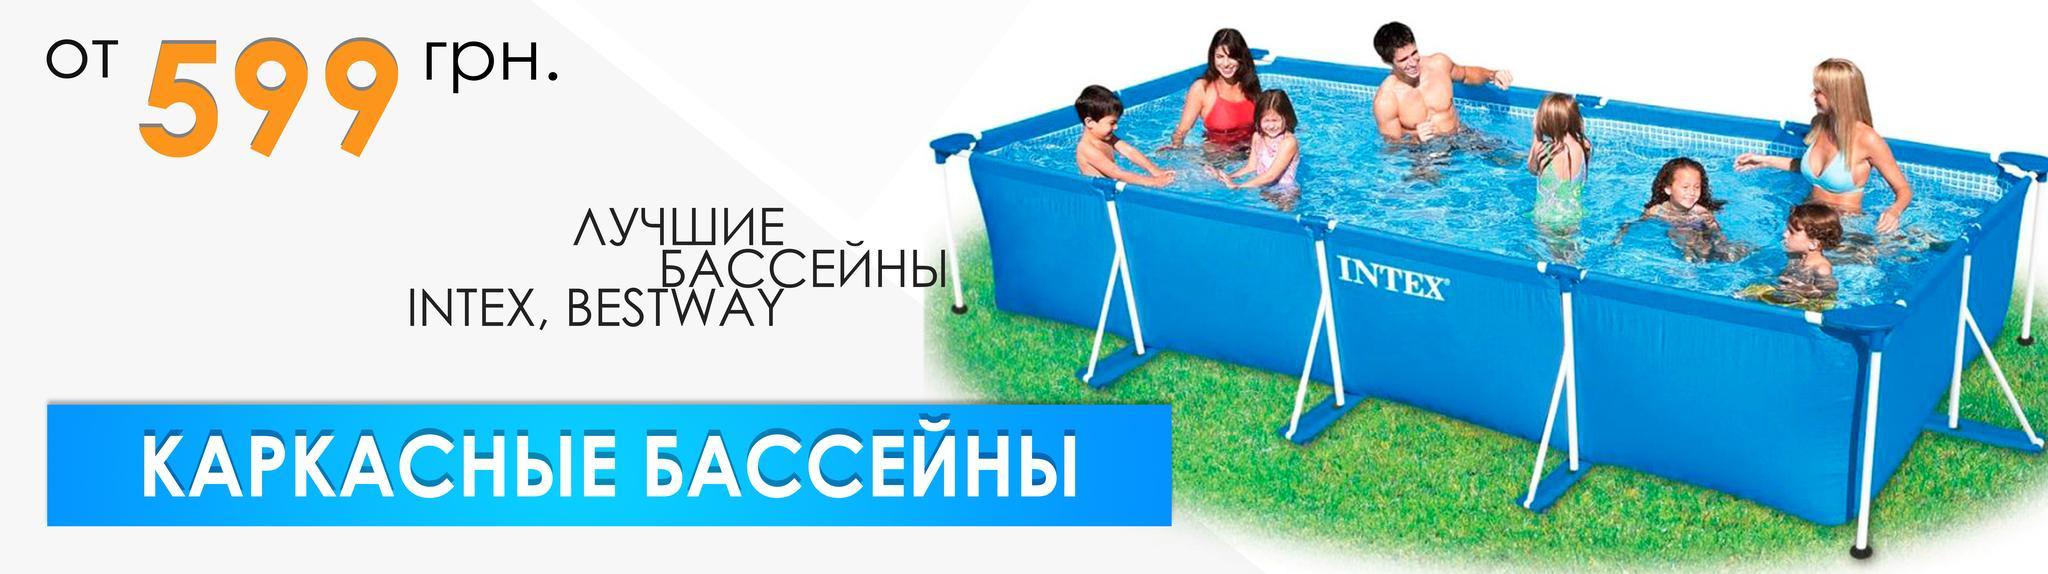 df84024c0129f ᐈ Интекс в Киеве — это «Intex-Best»: официальный сайт интернет ...